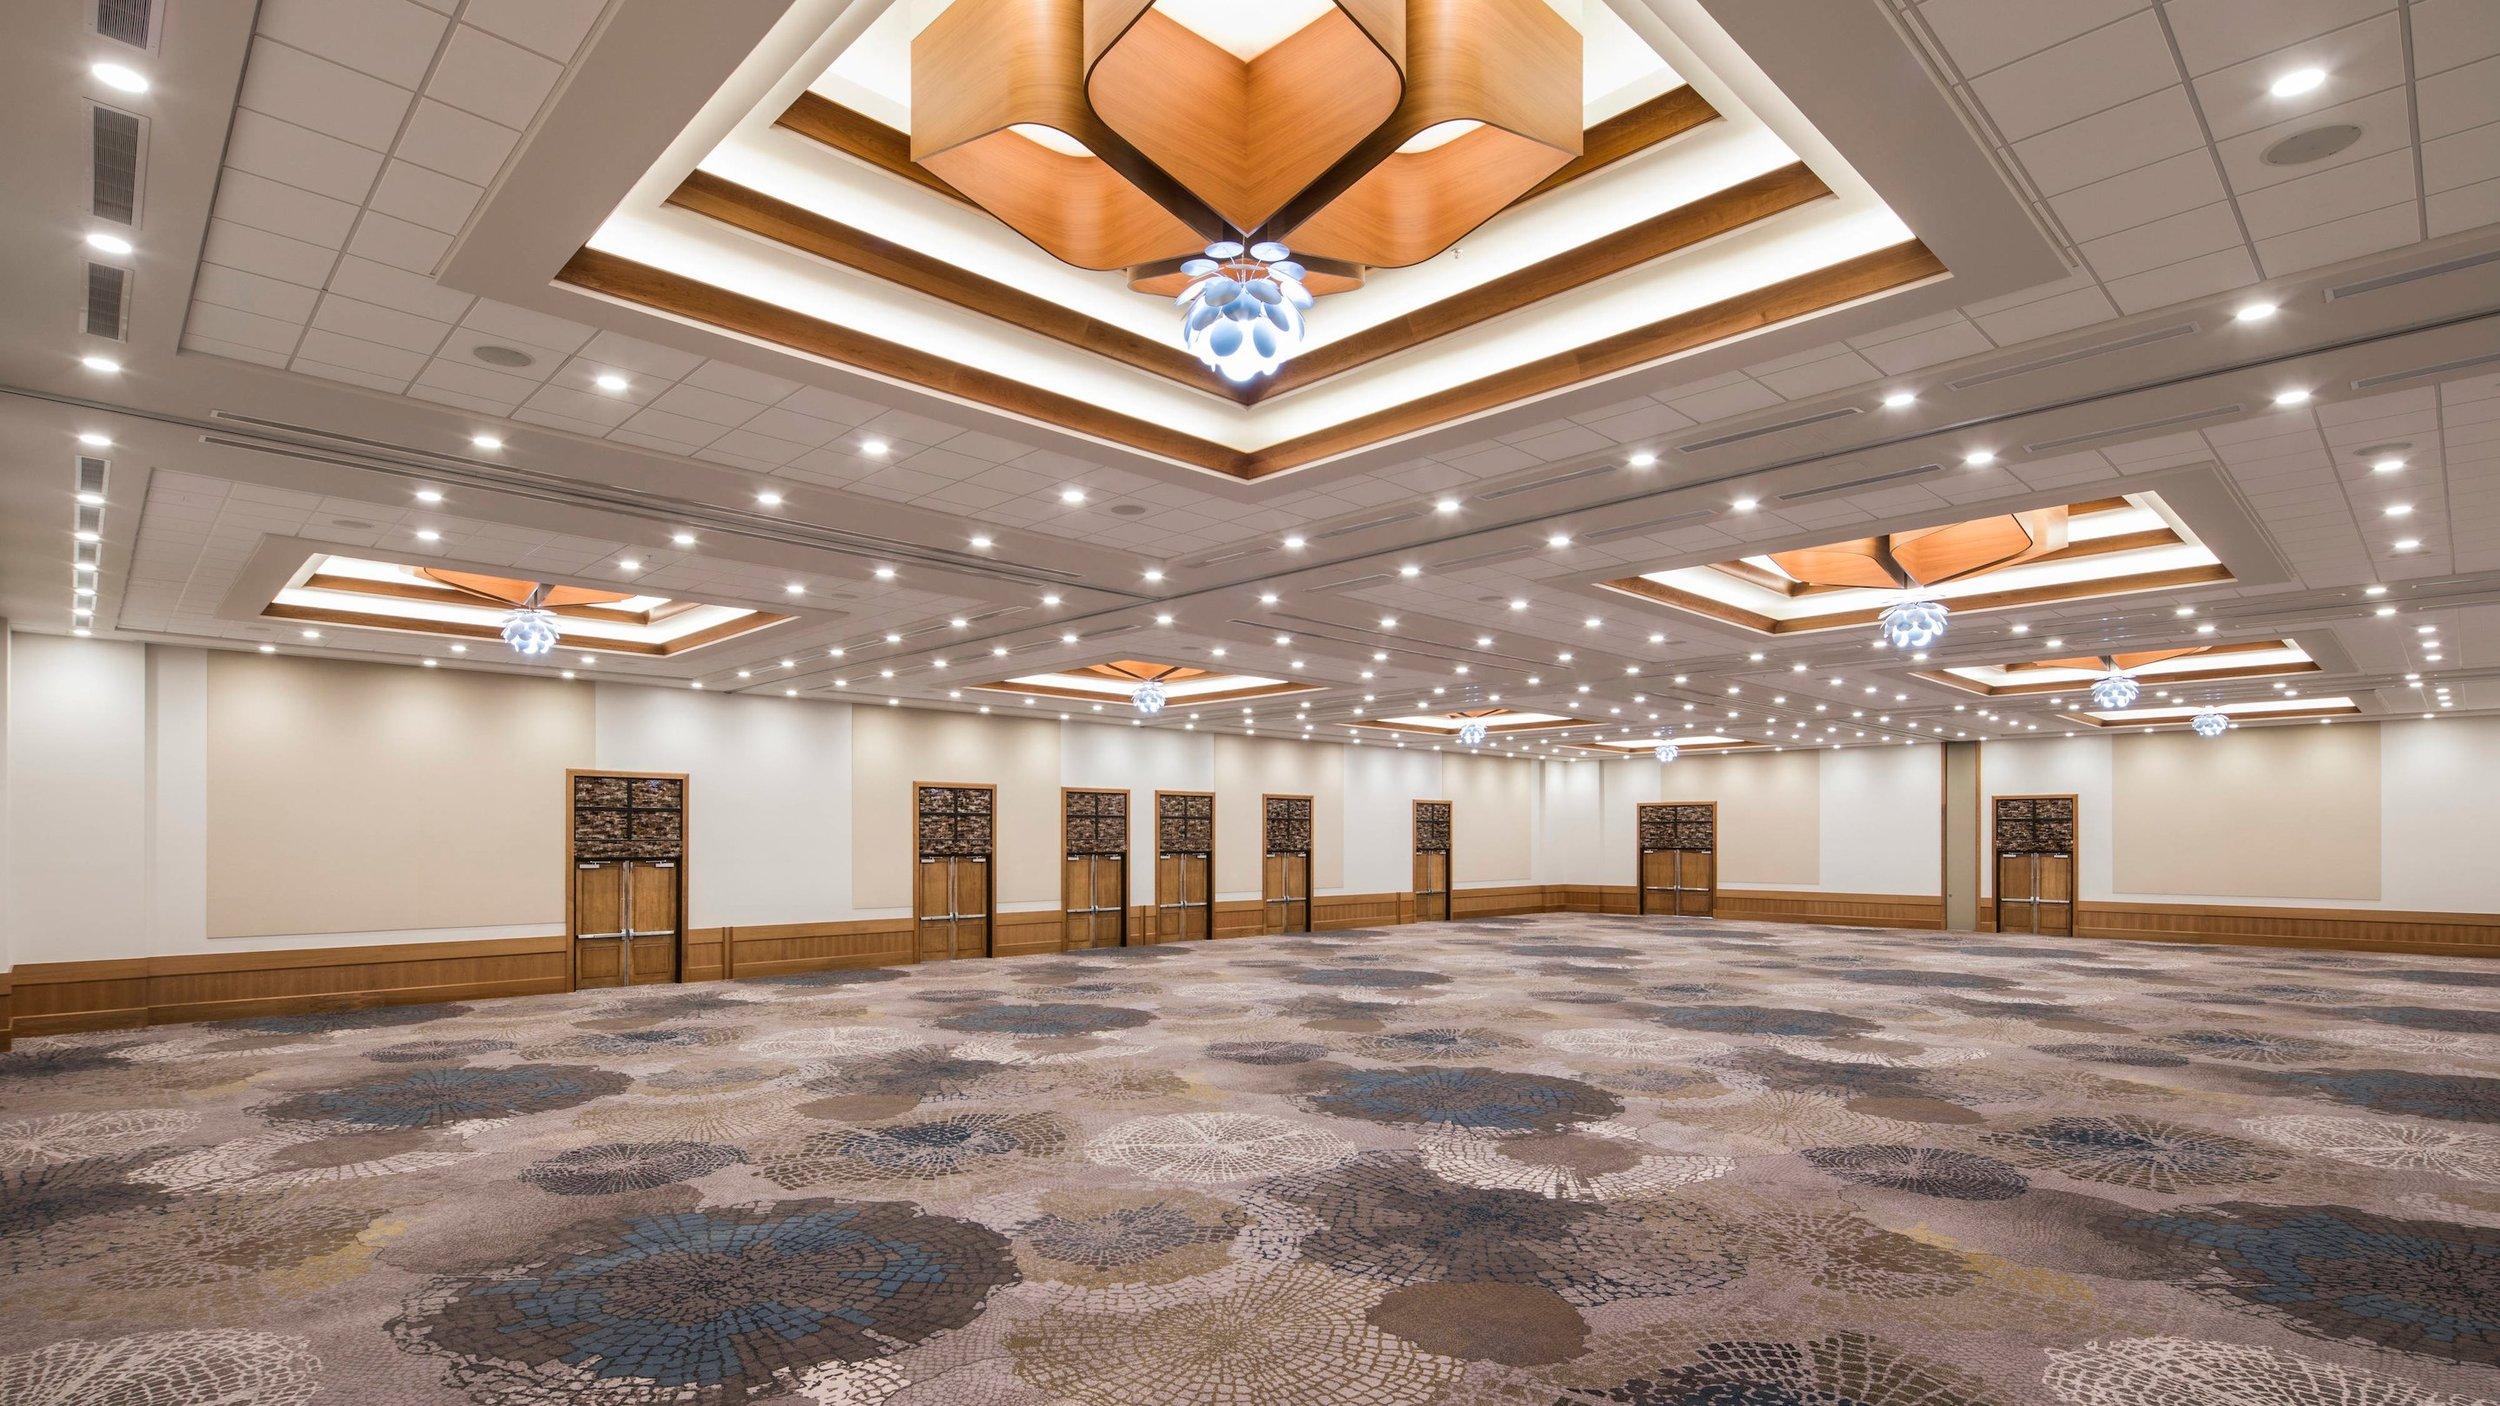 rswwi-ballroom-1583-hor-wide.jpg